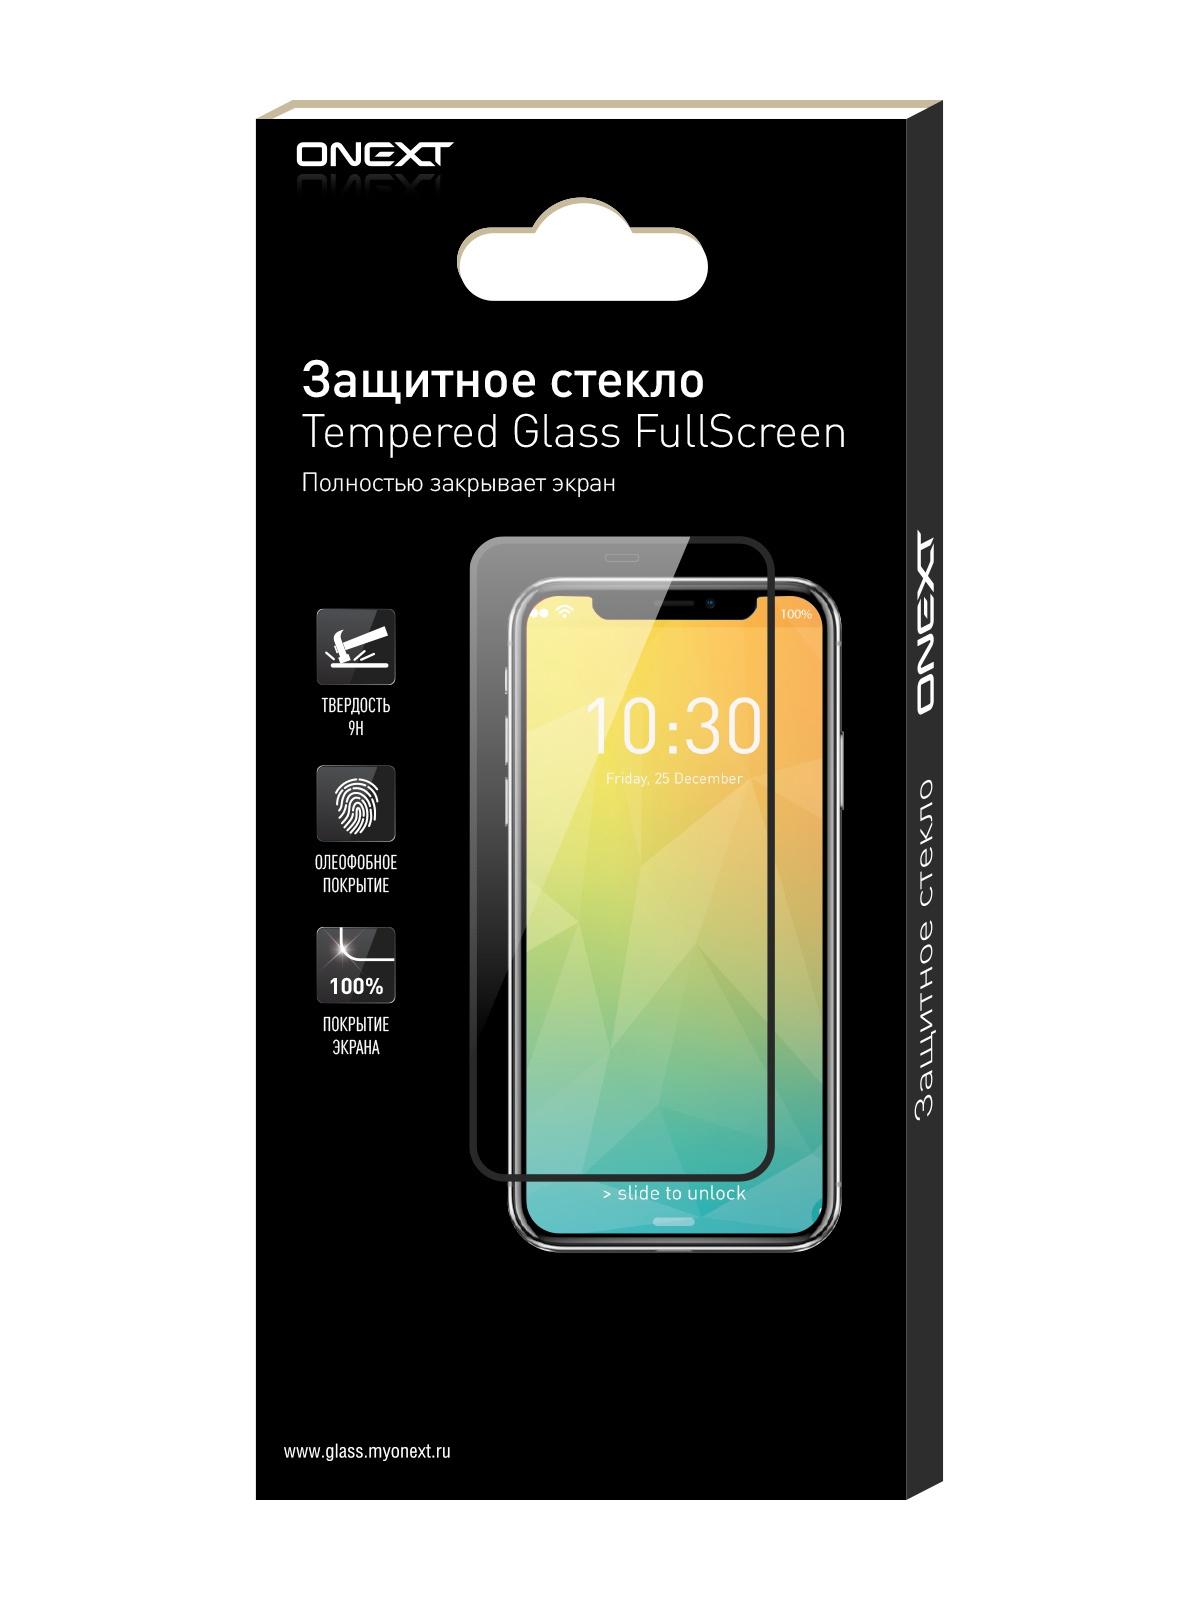 Защитное стекло ONEXT Samsung Galaxy A6, с рамкой синее, full glue аксессуар защитное стекло для samsung galaxy a6 onext full glue gold 41684